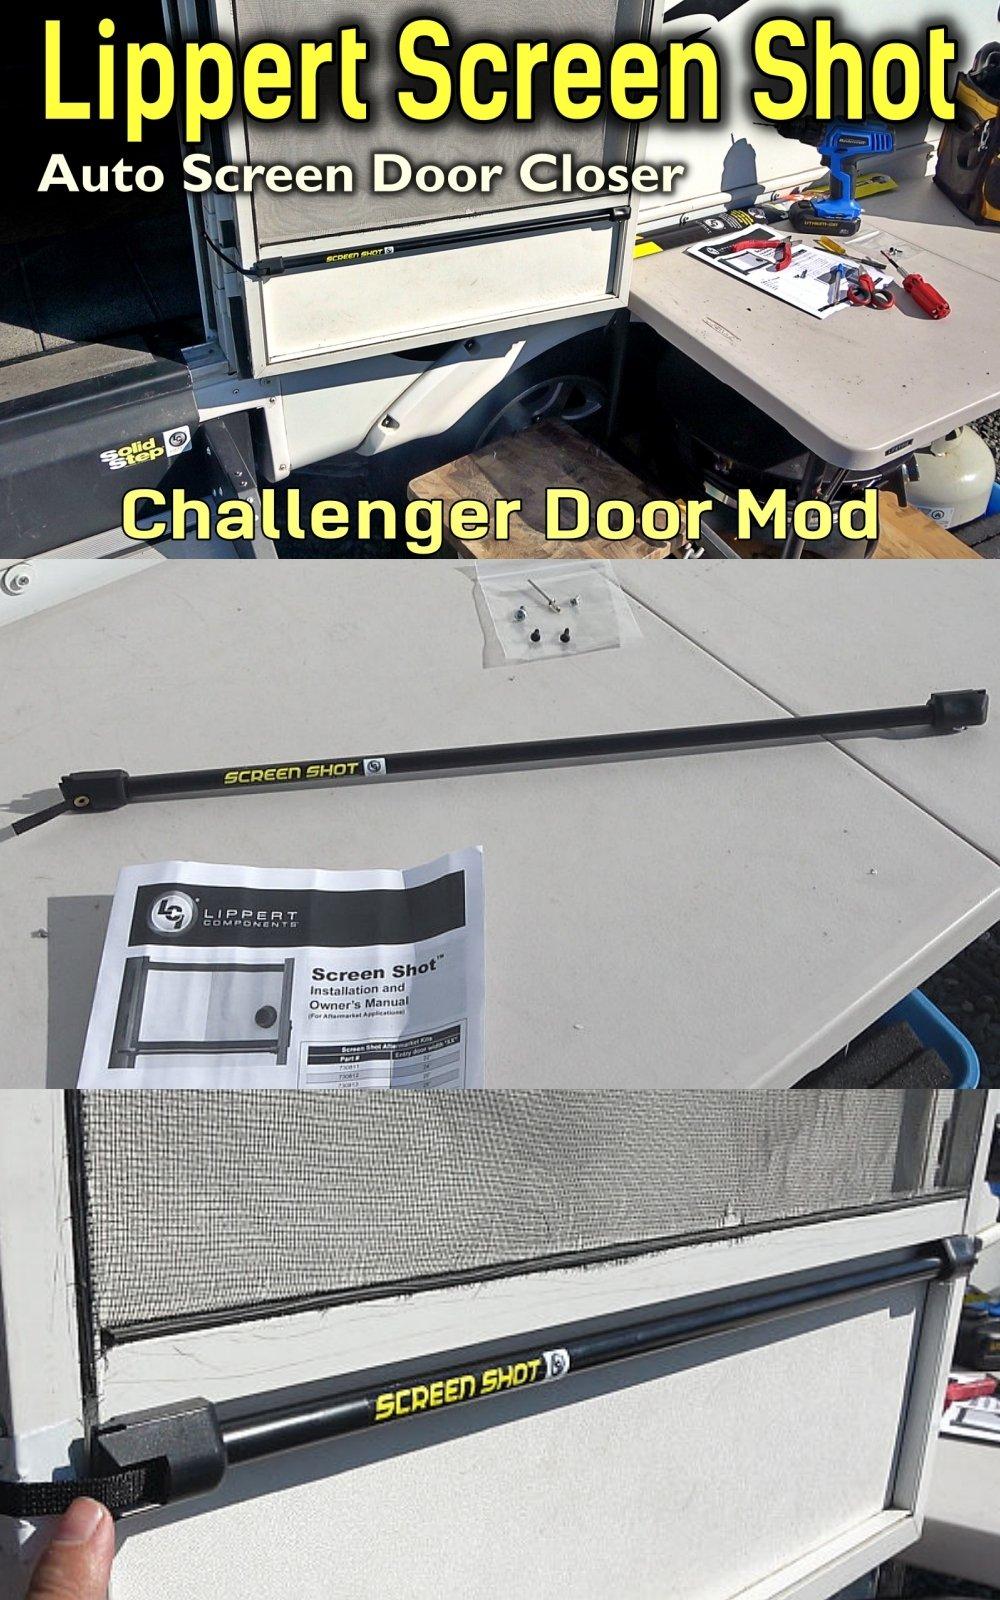 Lippert Screen Shot RV Door Closer Installation including Mod for my Challenger Door